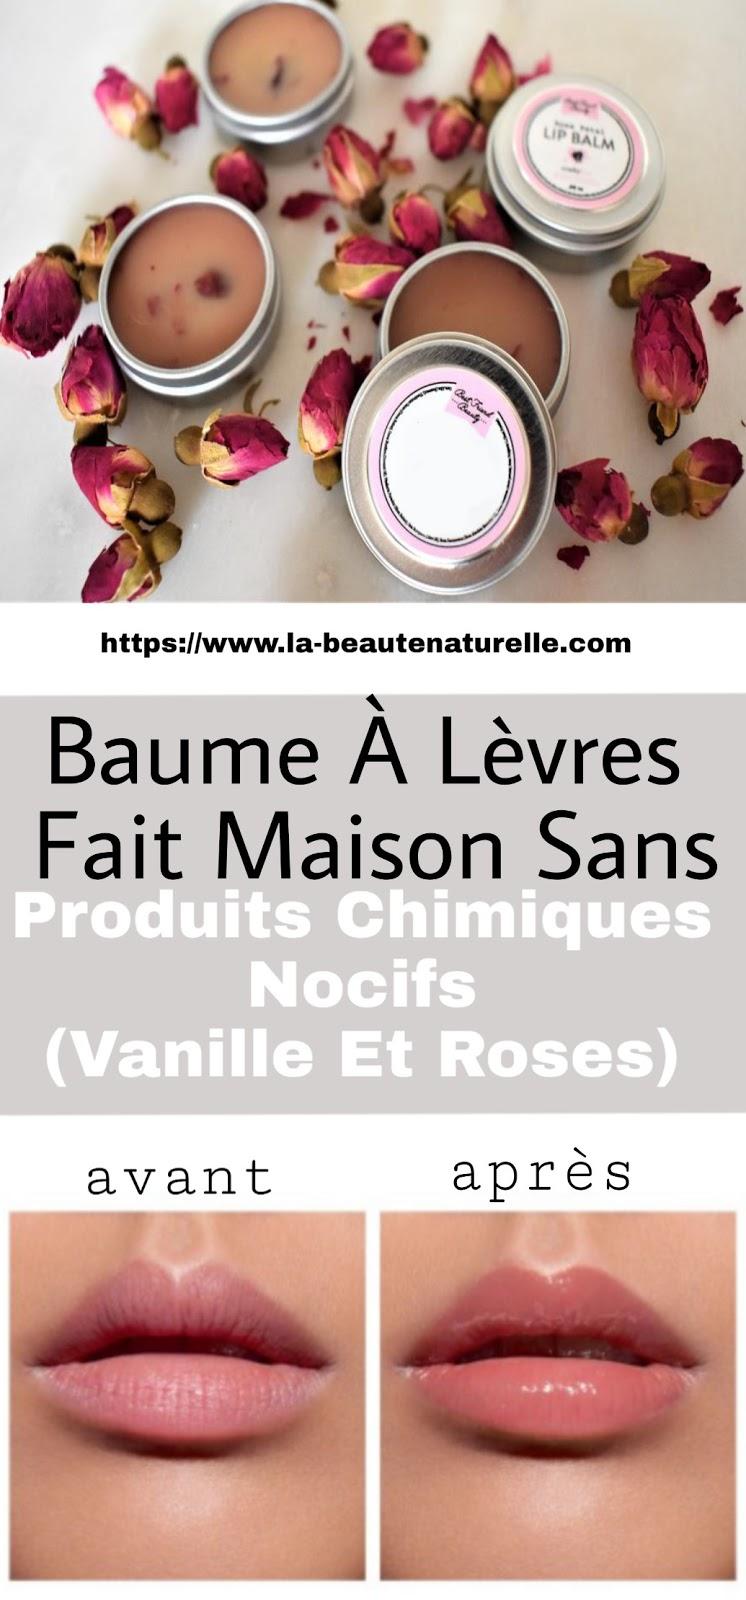 Baume À Lèvres Fait Maison Sans Produits Chimiques Nocifs (Vanille Et Roses)